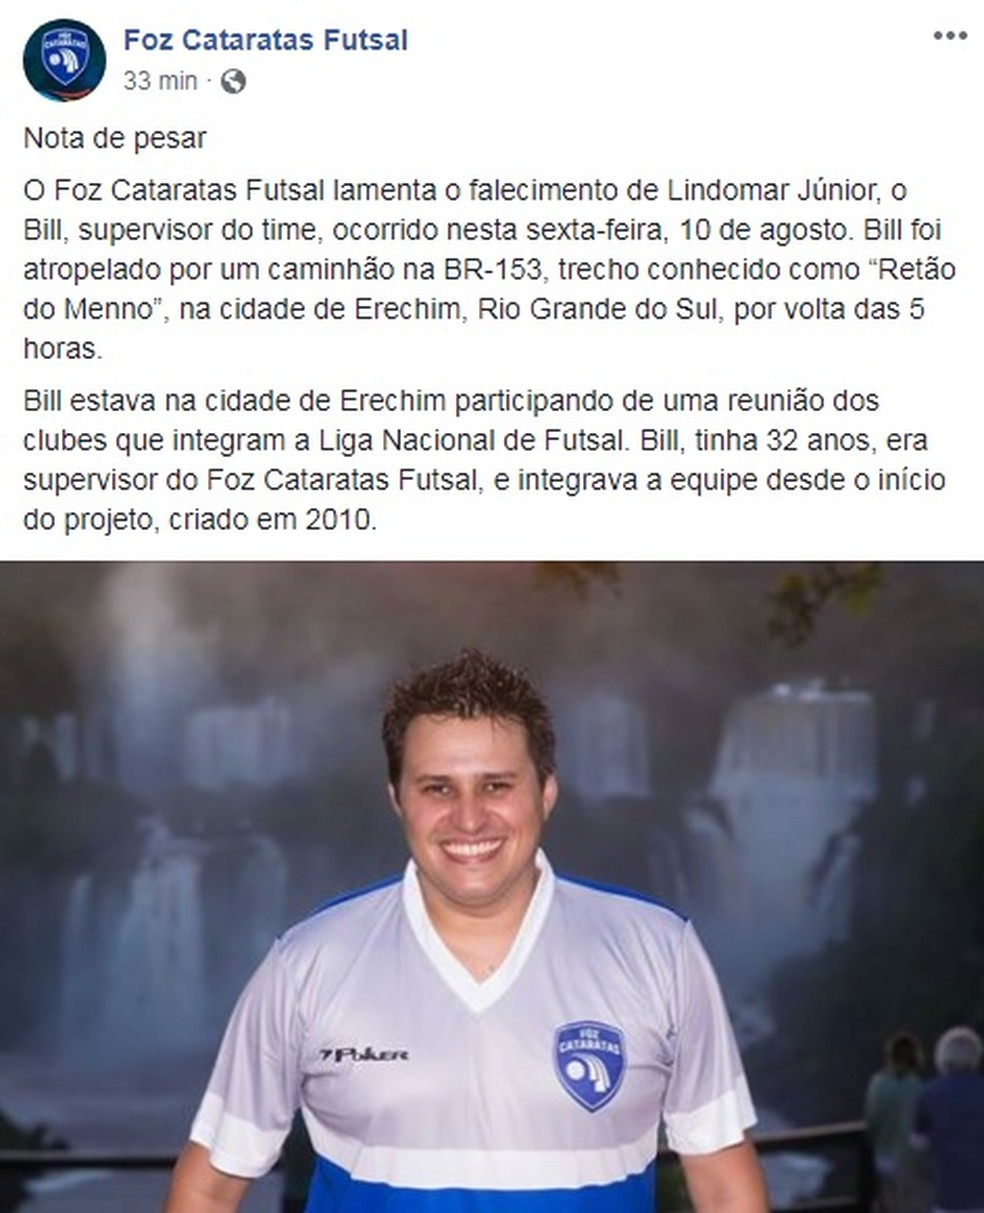 Nota oficial do Foz Cataratas Futsal (Foto: Reprodução/Facebook)